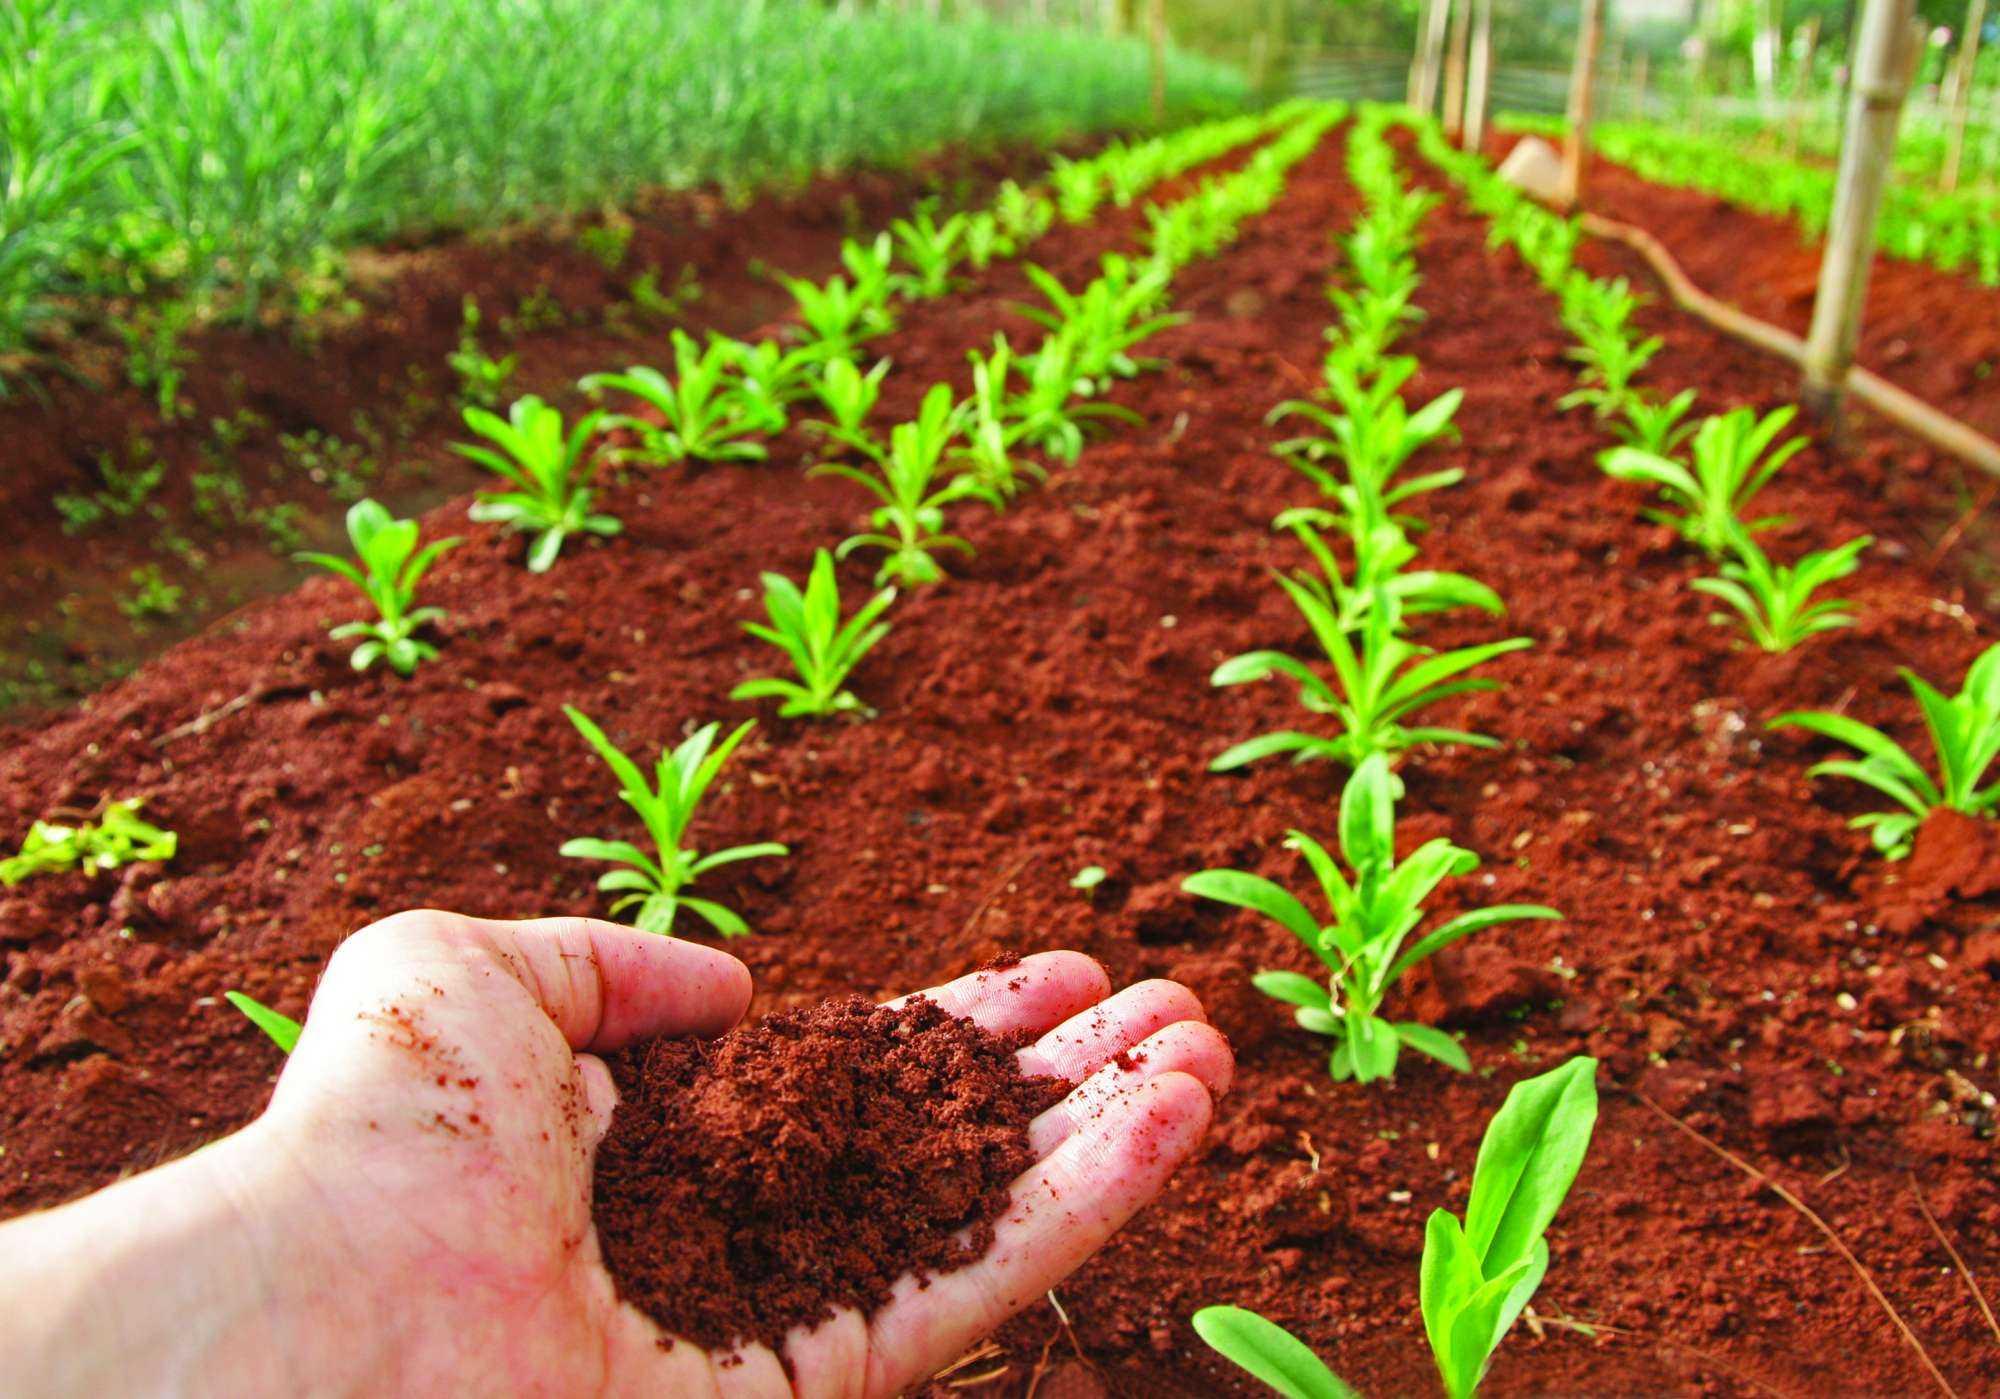 Diagnostique su suelo antes de producir hortalizas for Suelos para jardines fotos